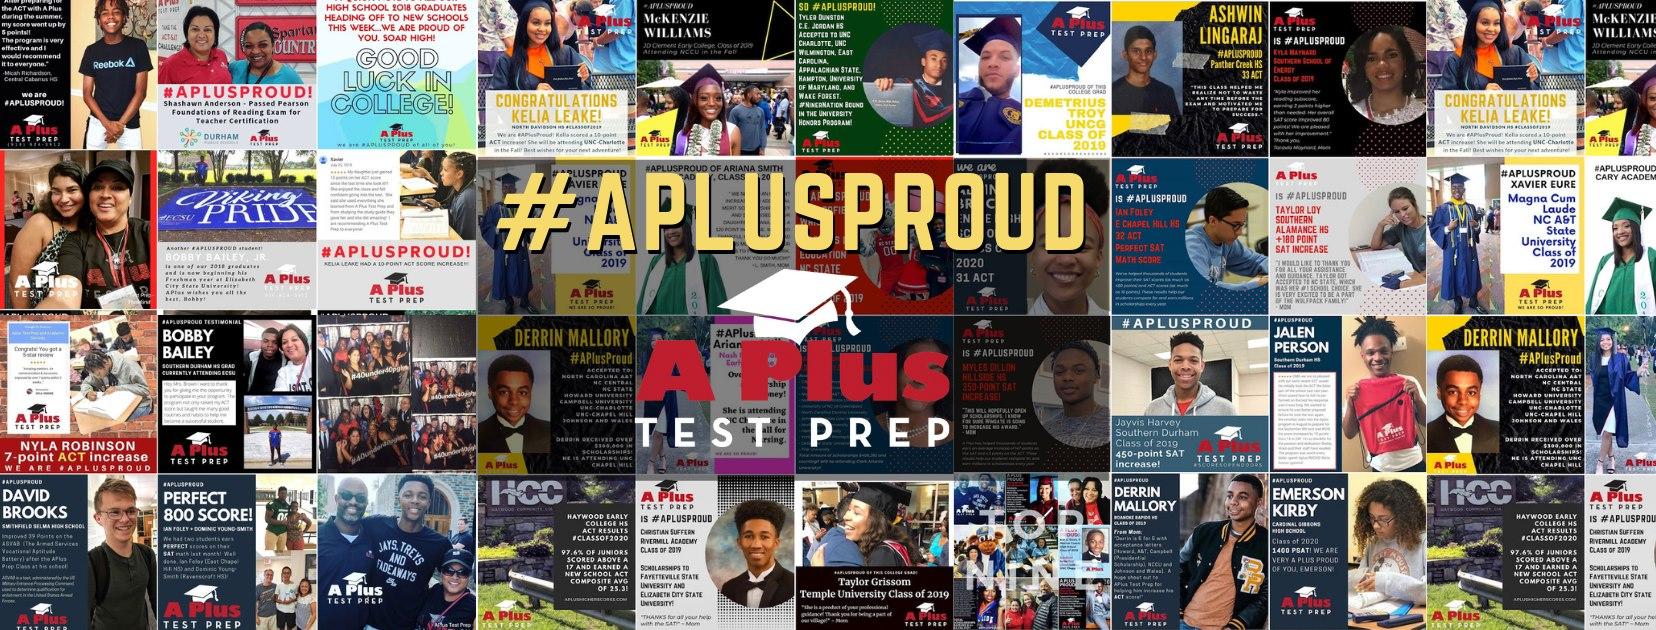 #scoresopendoors APlus Test Prep